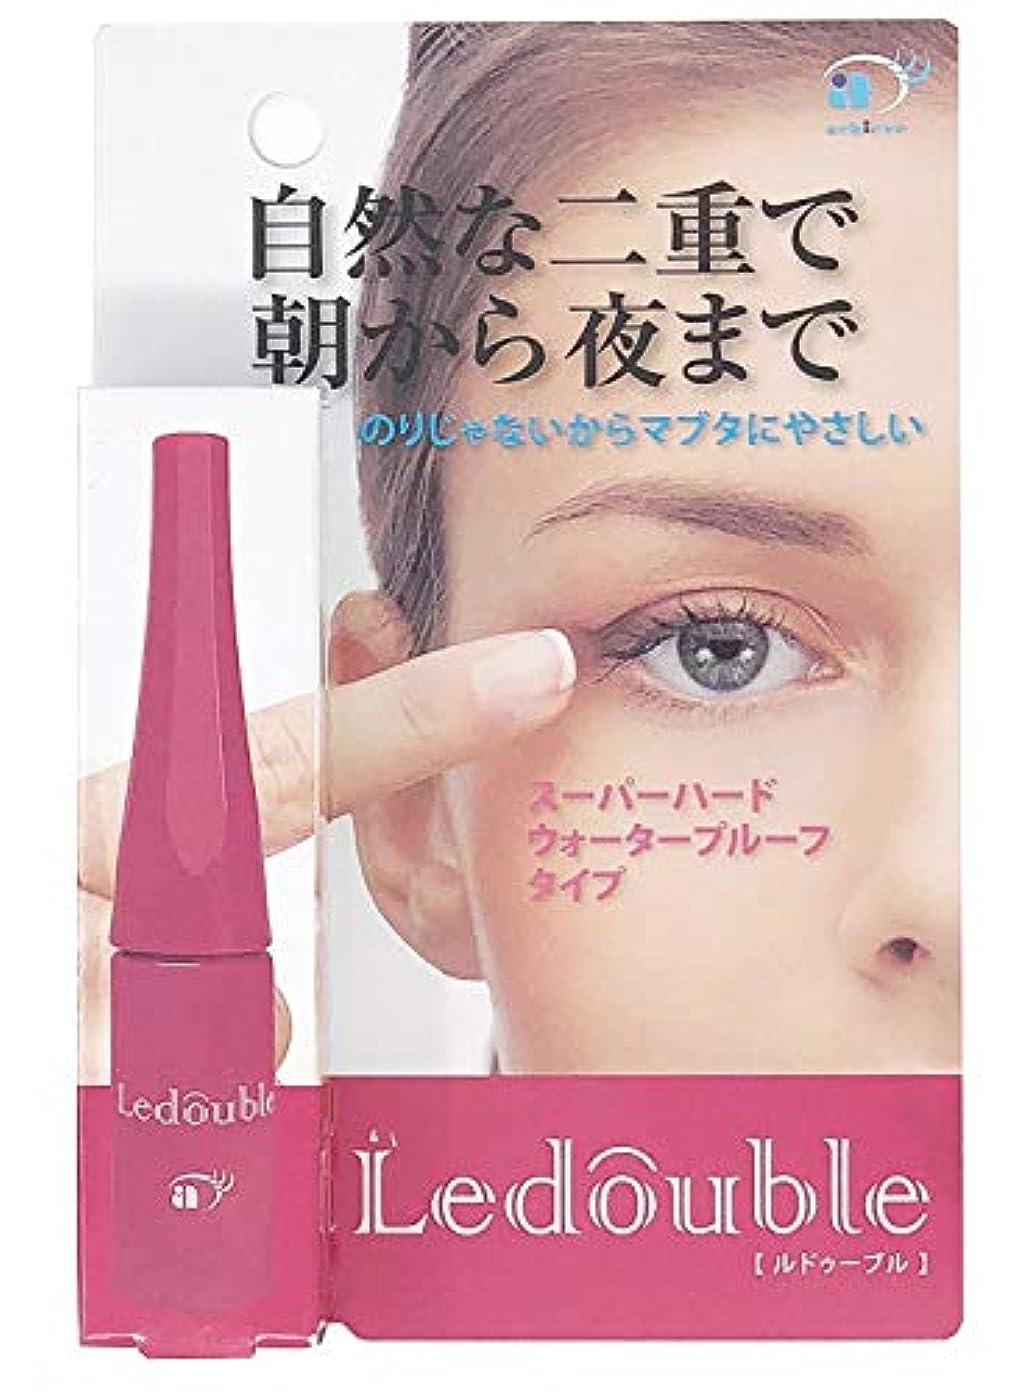 麻痺させる王子偽Ledouble【ルドゥーブル】二重まぶた化粧品(4mL)